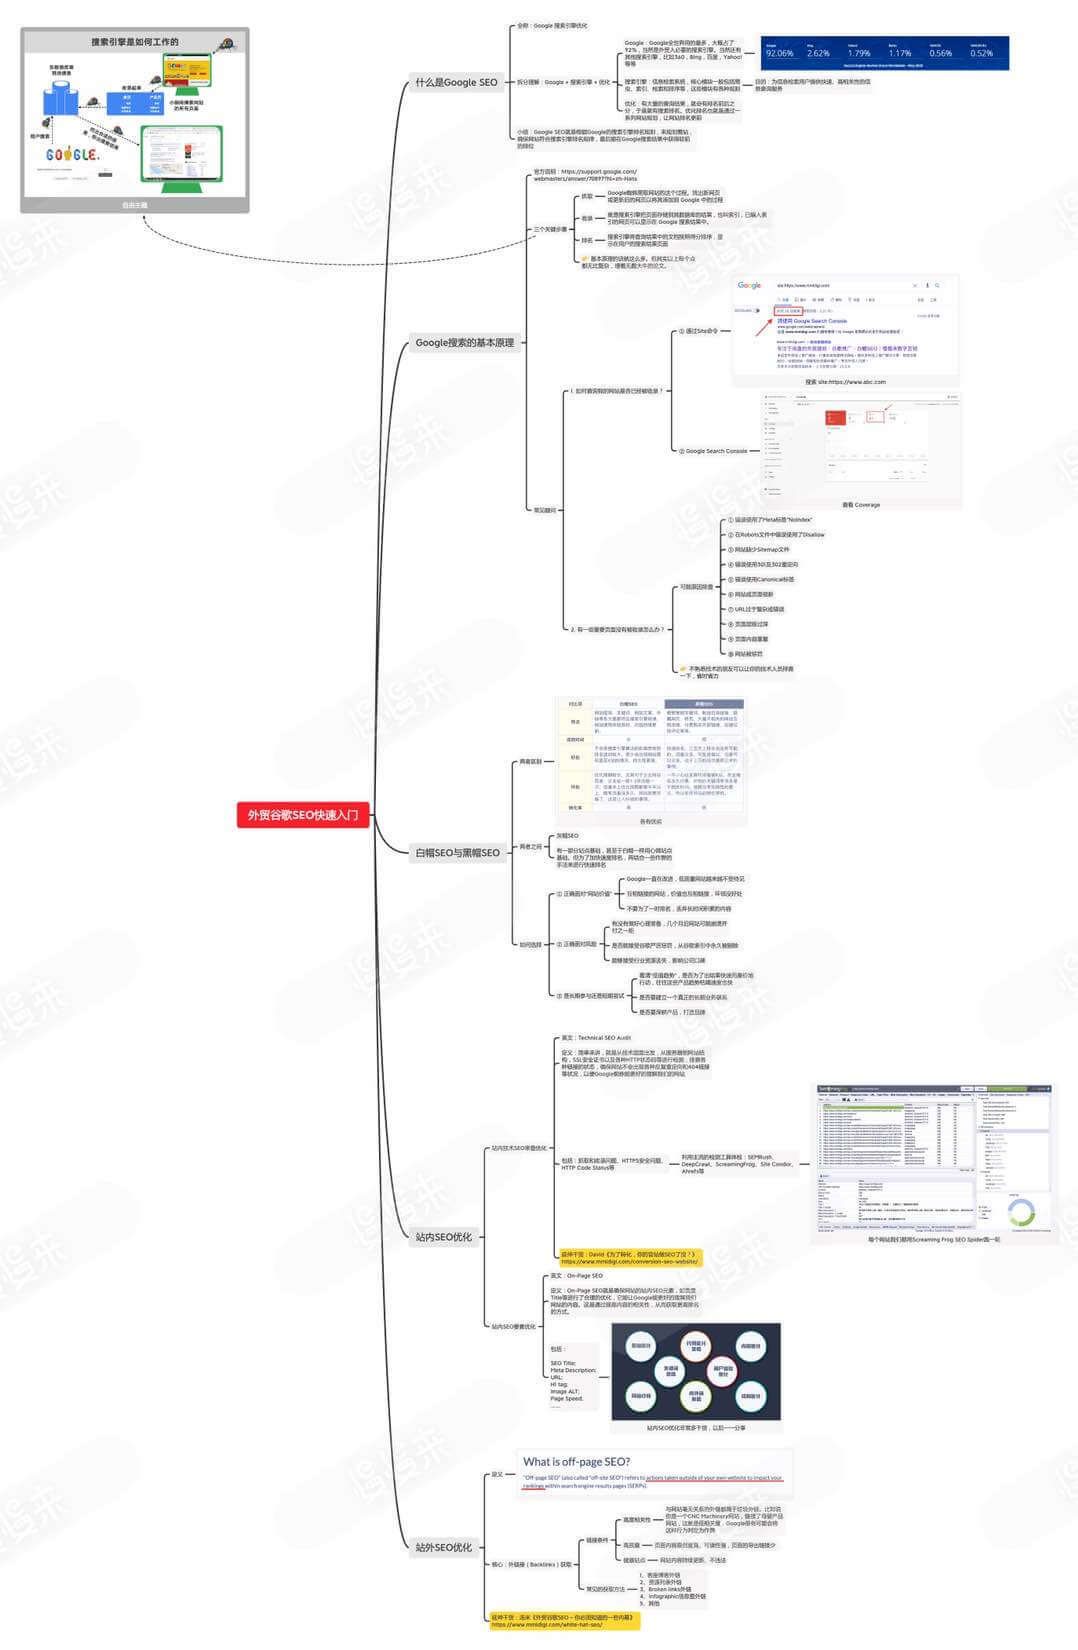 慢慢来外贸谷歌SEO入门思维导图